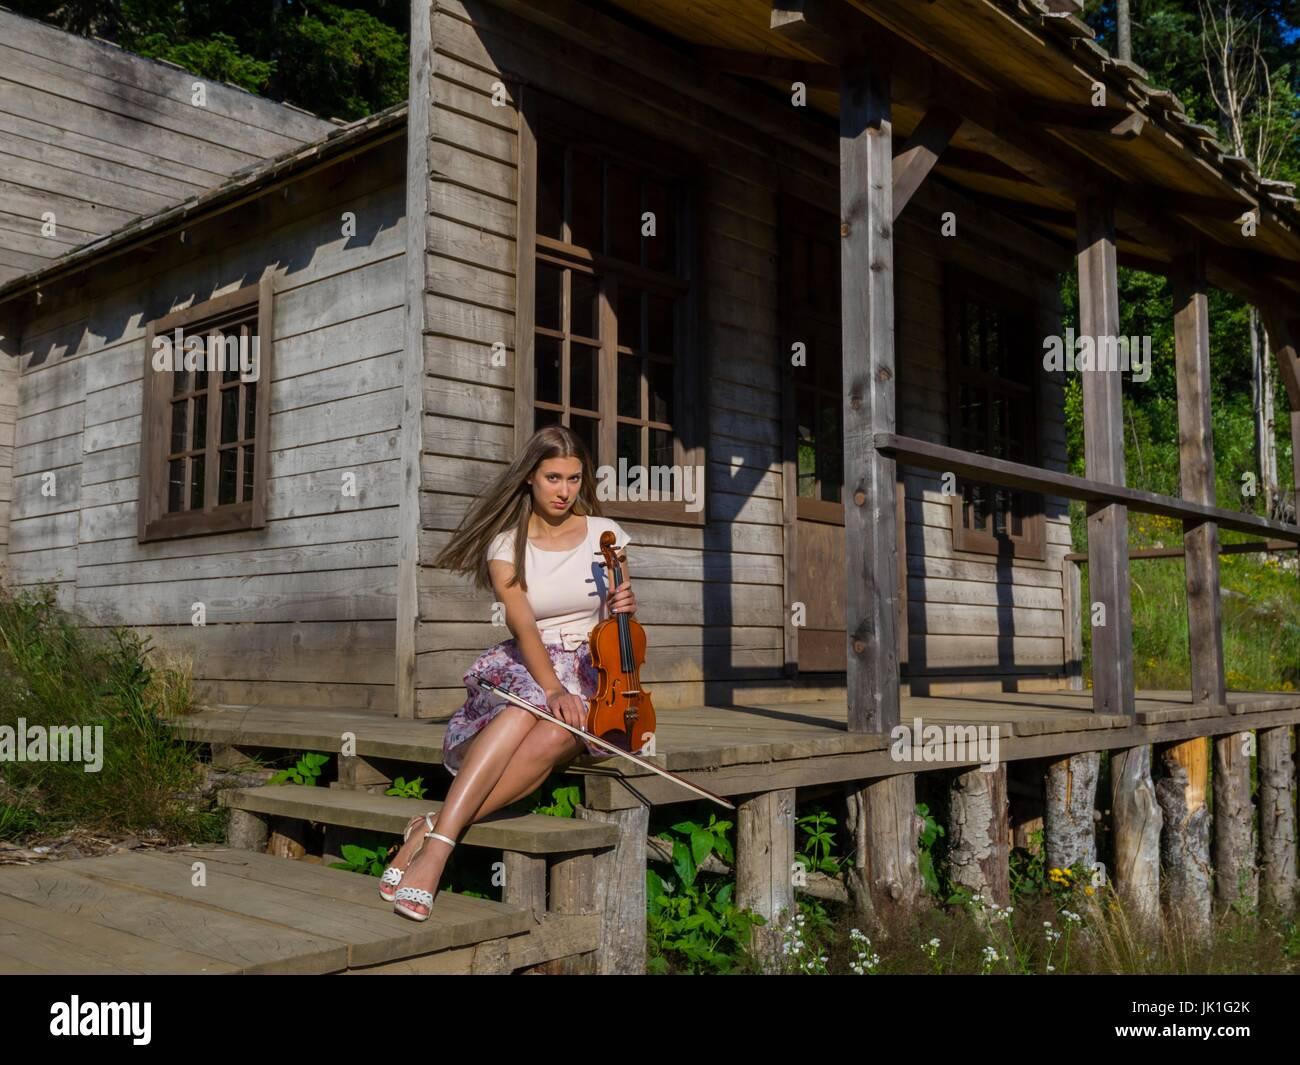 Le Porche De La Maison pays-girl avec violon assis sur le porche de la maison en bois